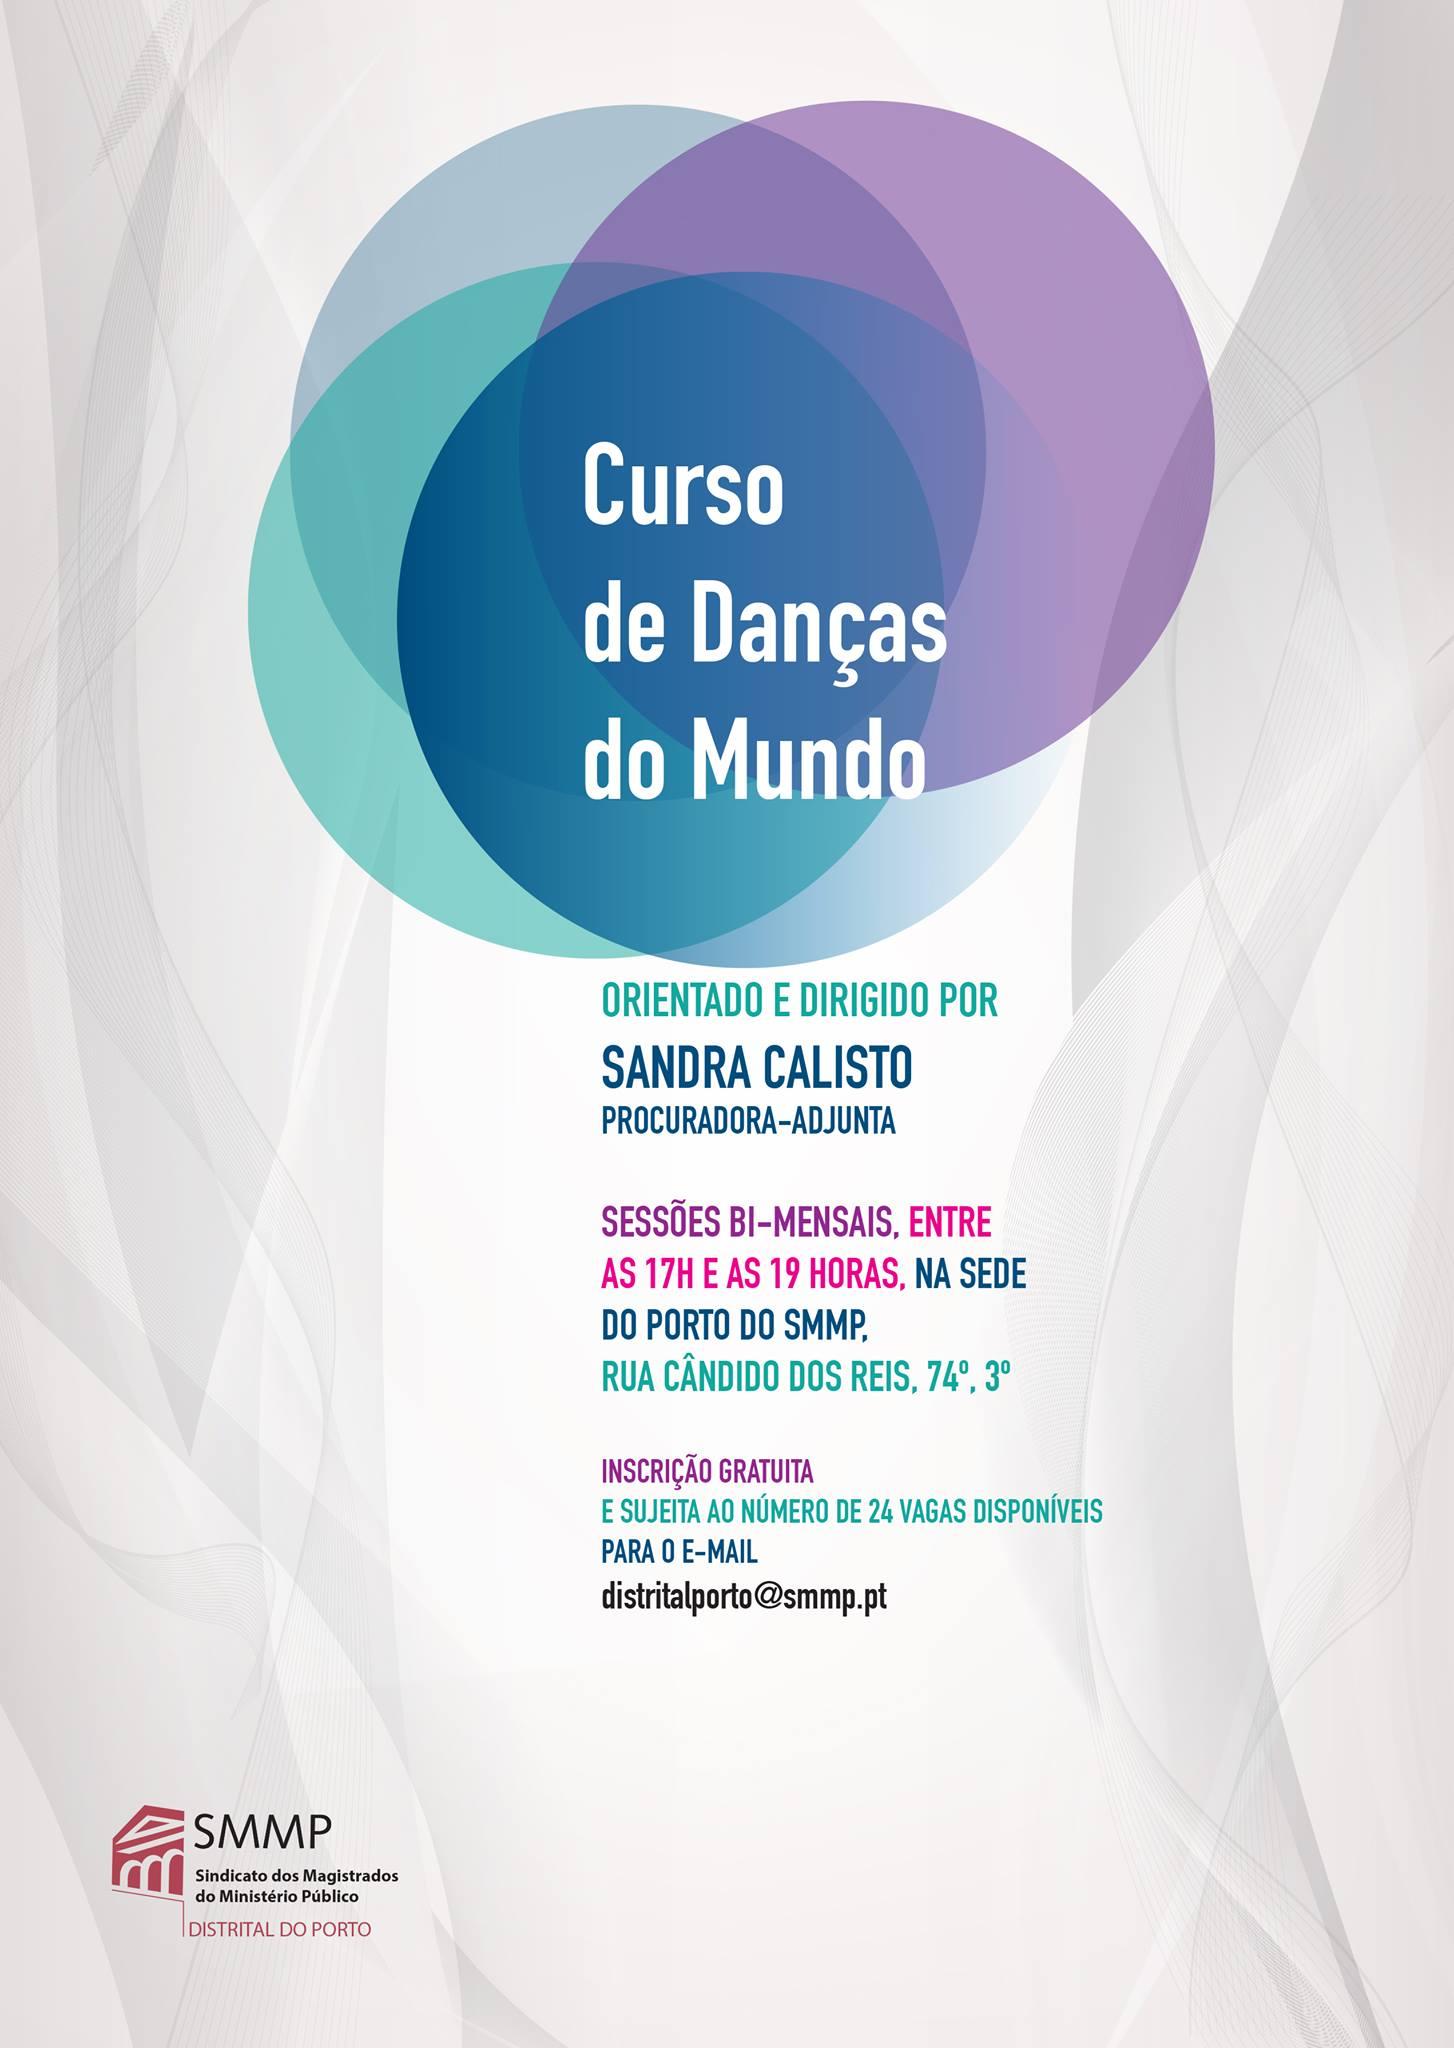 Curso de Danças do Mundo